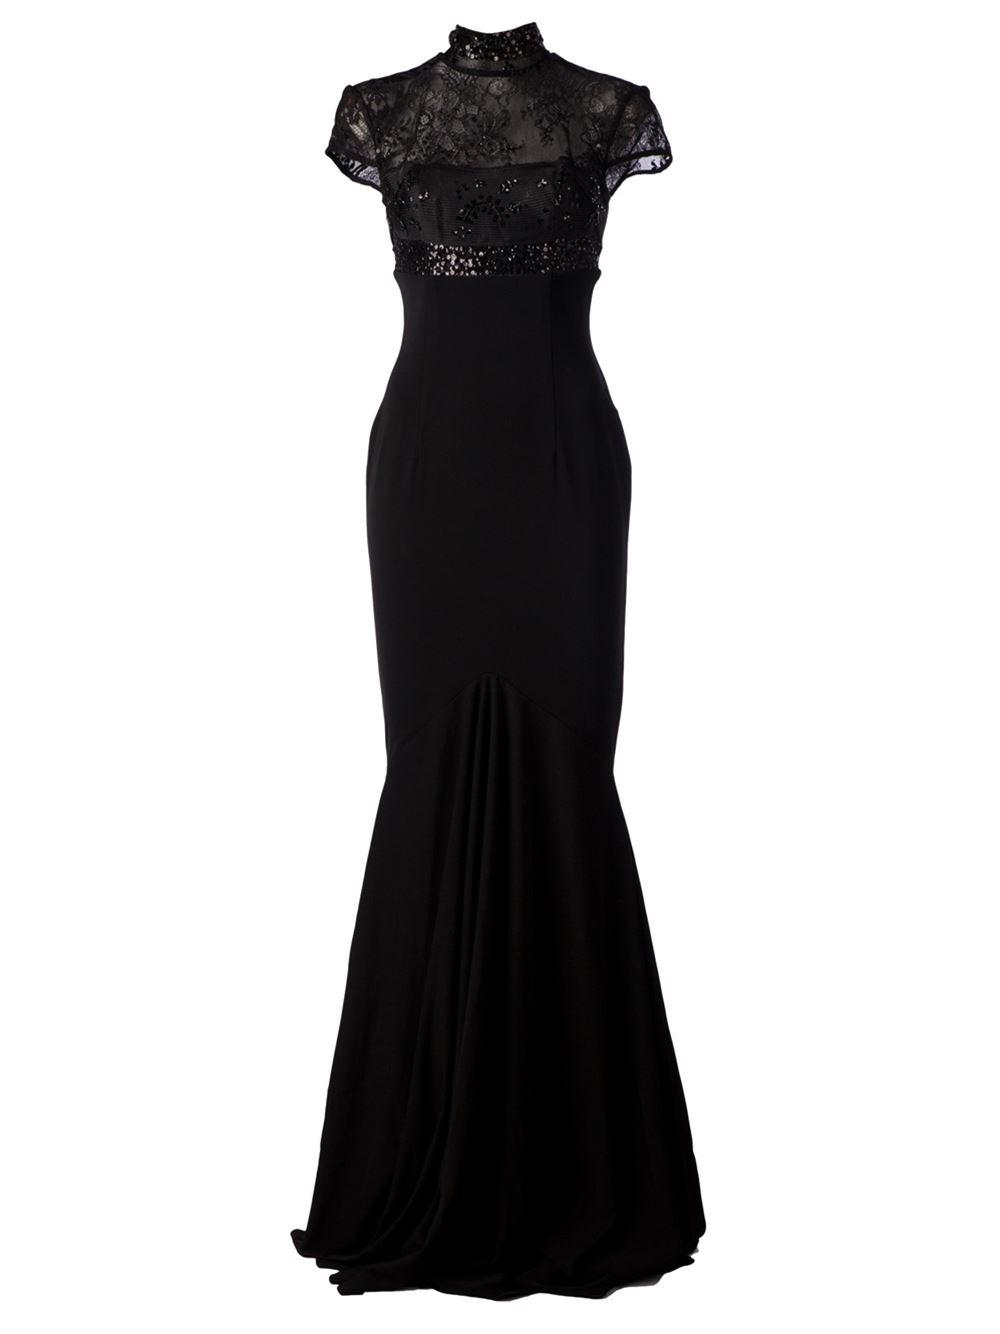 صورة صور فستين روعه , اجمل التصميمات لفساتين السهرة بالصور 11449 8